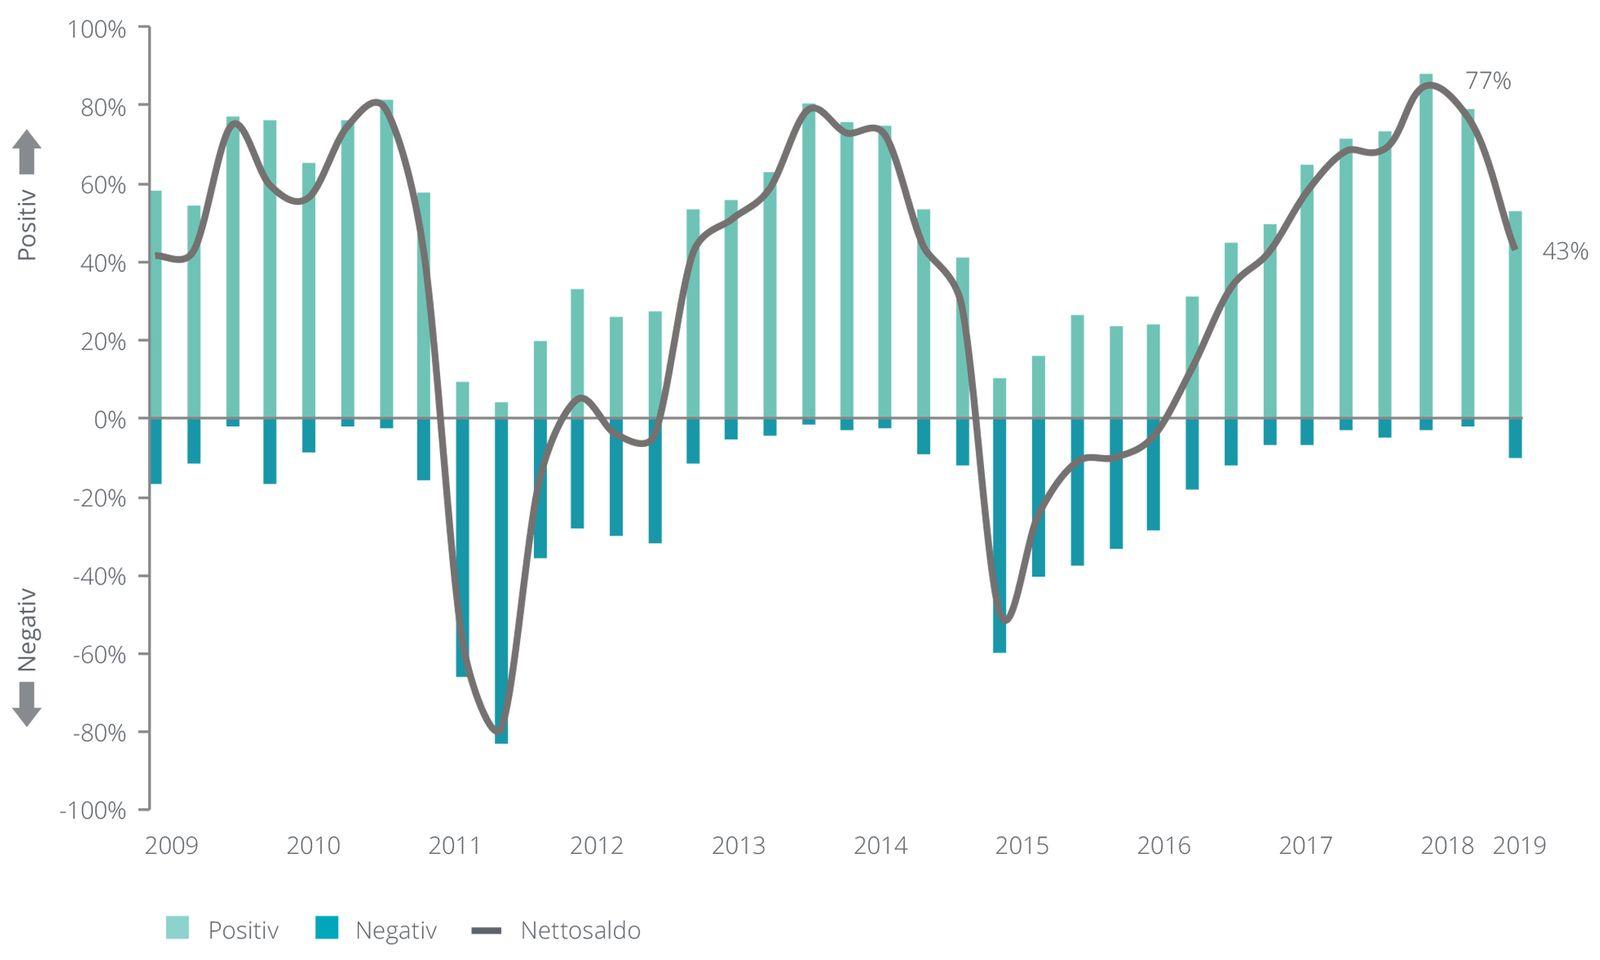 Konjunkturerwartungen Schweiz: Anteil der CFOs, welche die Konjunkturaussichten für die Schweiz in den nächsten 12 Monaten positiv/negativ beurteilen.